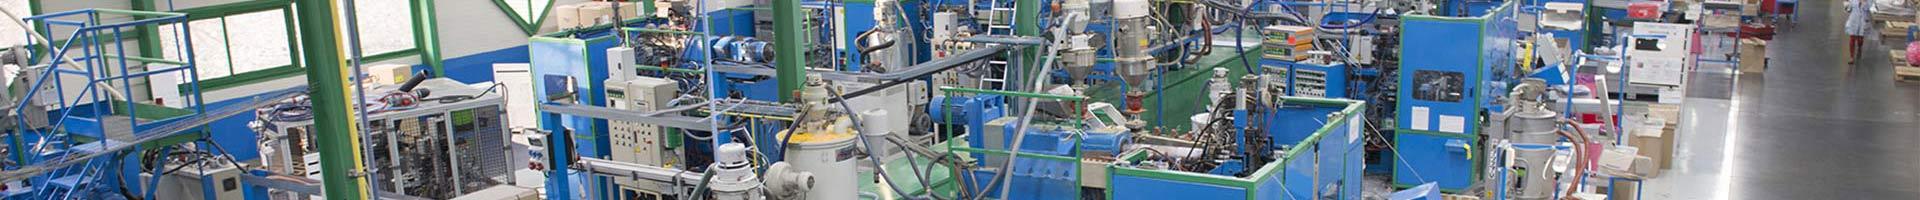 Blow molding workshop